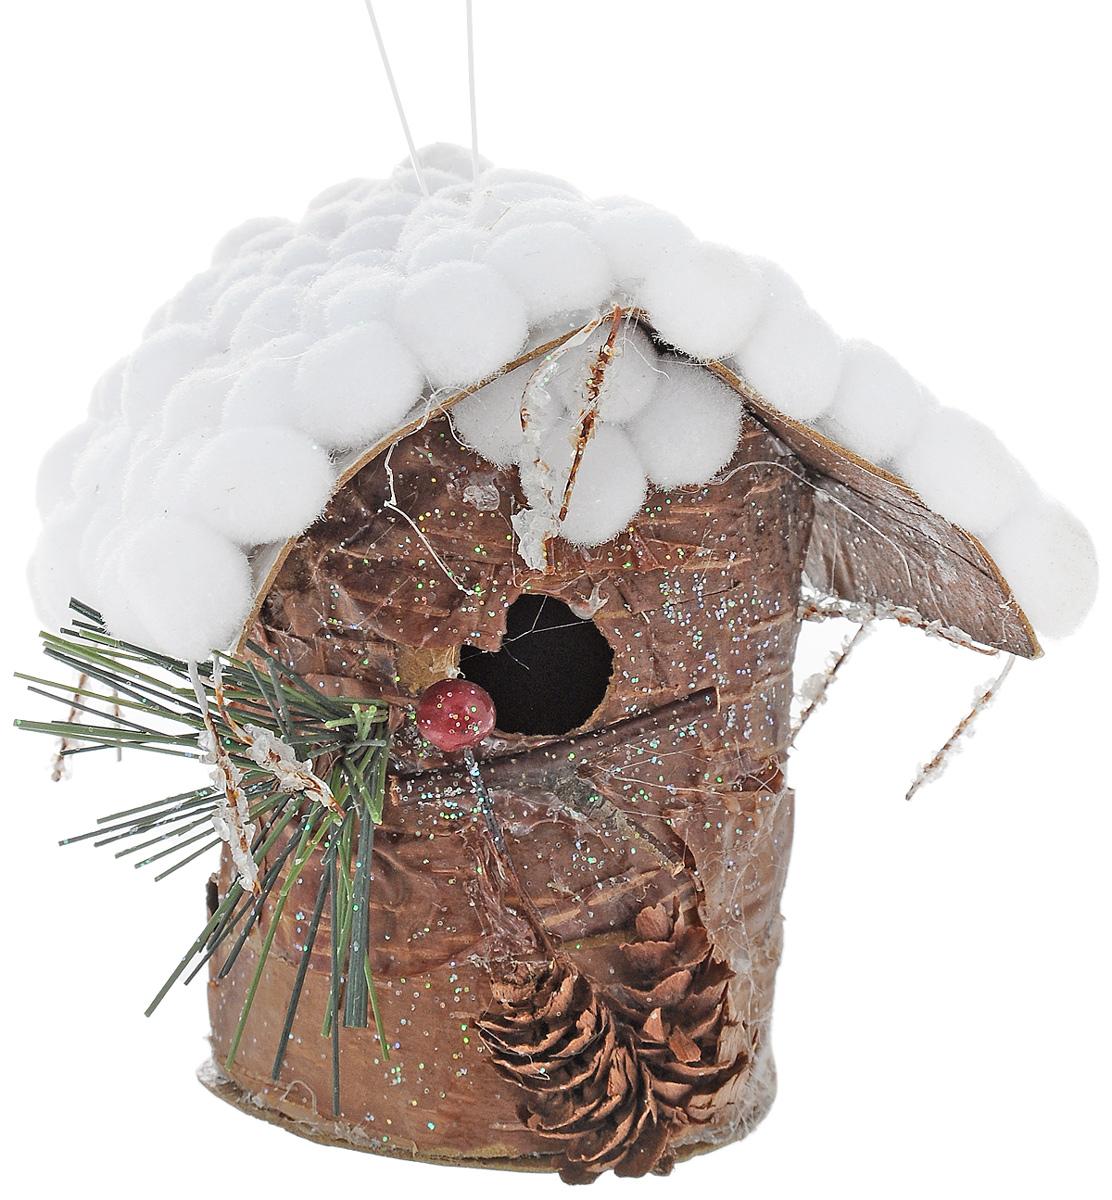 Украшение новогоднее подвесное Winter Wings Скворечник. Лесная сказка, высота 10,5 смN180380Новогоднее украшение Winter Wings Скворечник. Лесная сказка выполнено из полимерного материала. С помощью специальной петельки украшение можно повесить в любом понравившемся вам месте. Но, конечно, удачнее всего оно будет смотреться на праздничной елке. Елочная игрушка - символ Нового года. Она несет в себе волшебство и красоту праздника. Создайте в своем доме атмосферу веселья и радости, украшая новогоднюю елку нарядными игрушками, которые будут из года в год накапливать теплоту воспоминаний.